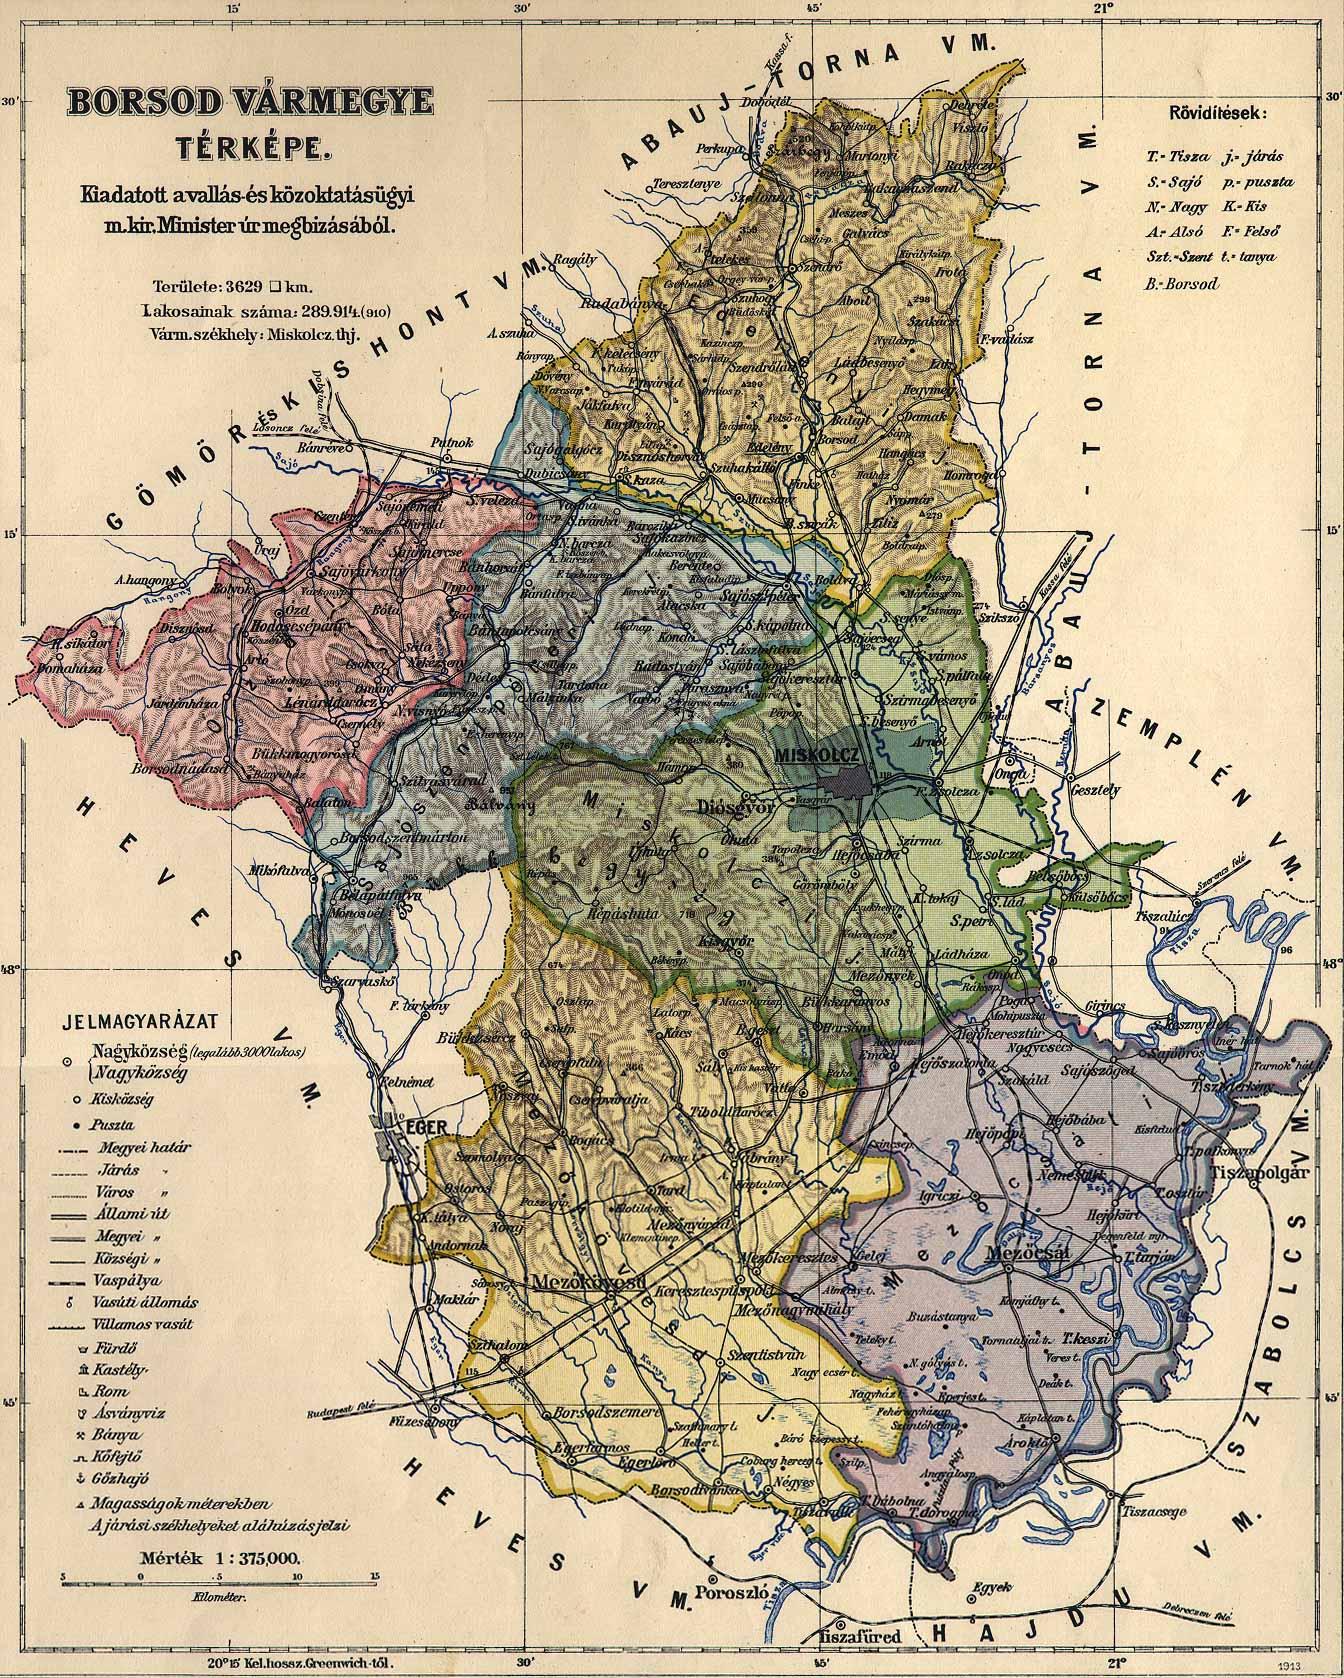 maps térkép Osztrák Magyar Monarchia varmegyei (1910) maps térkép